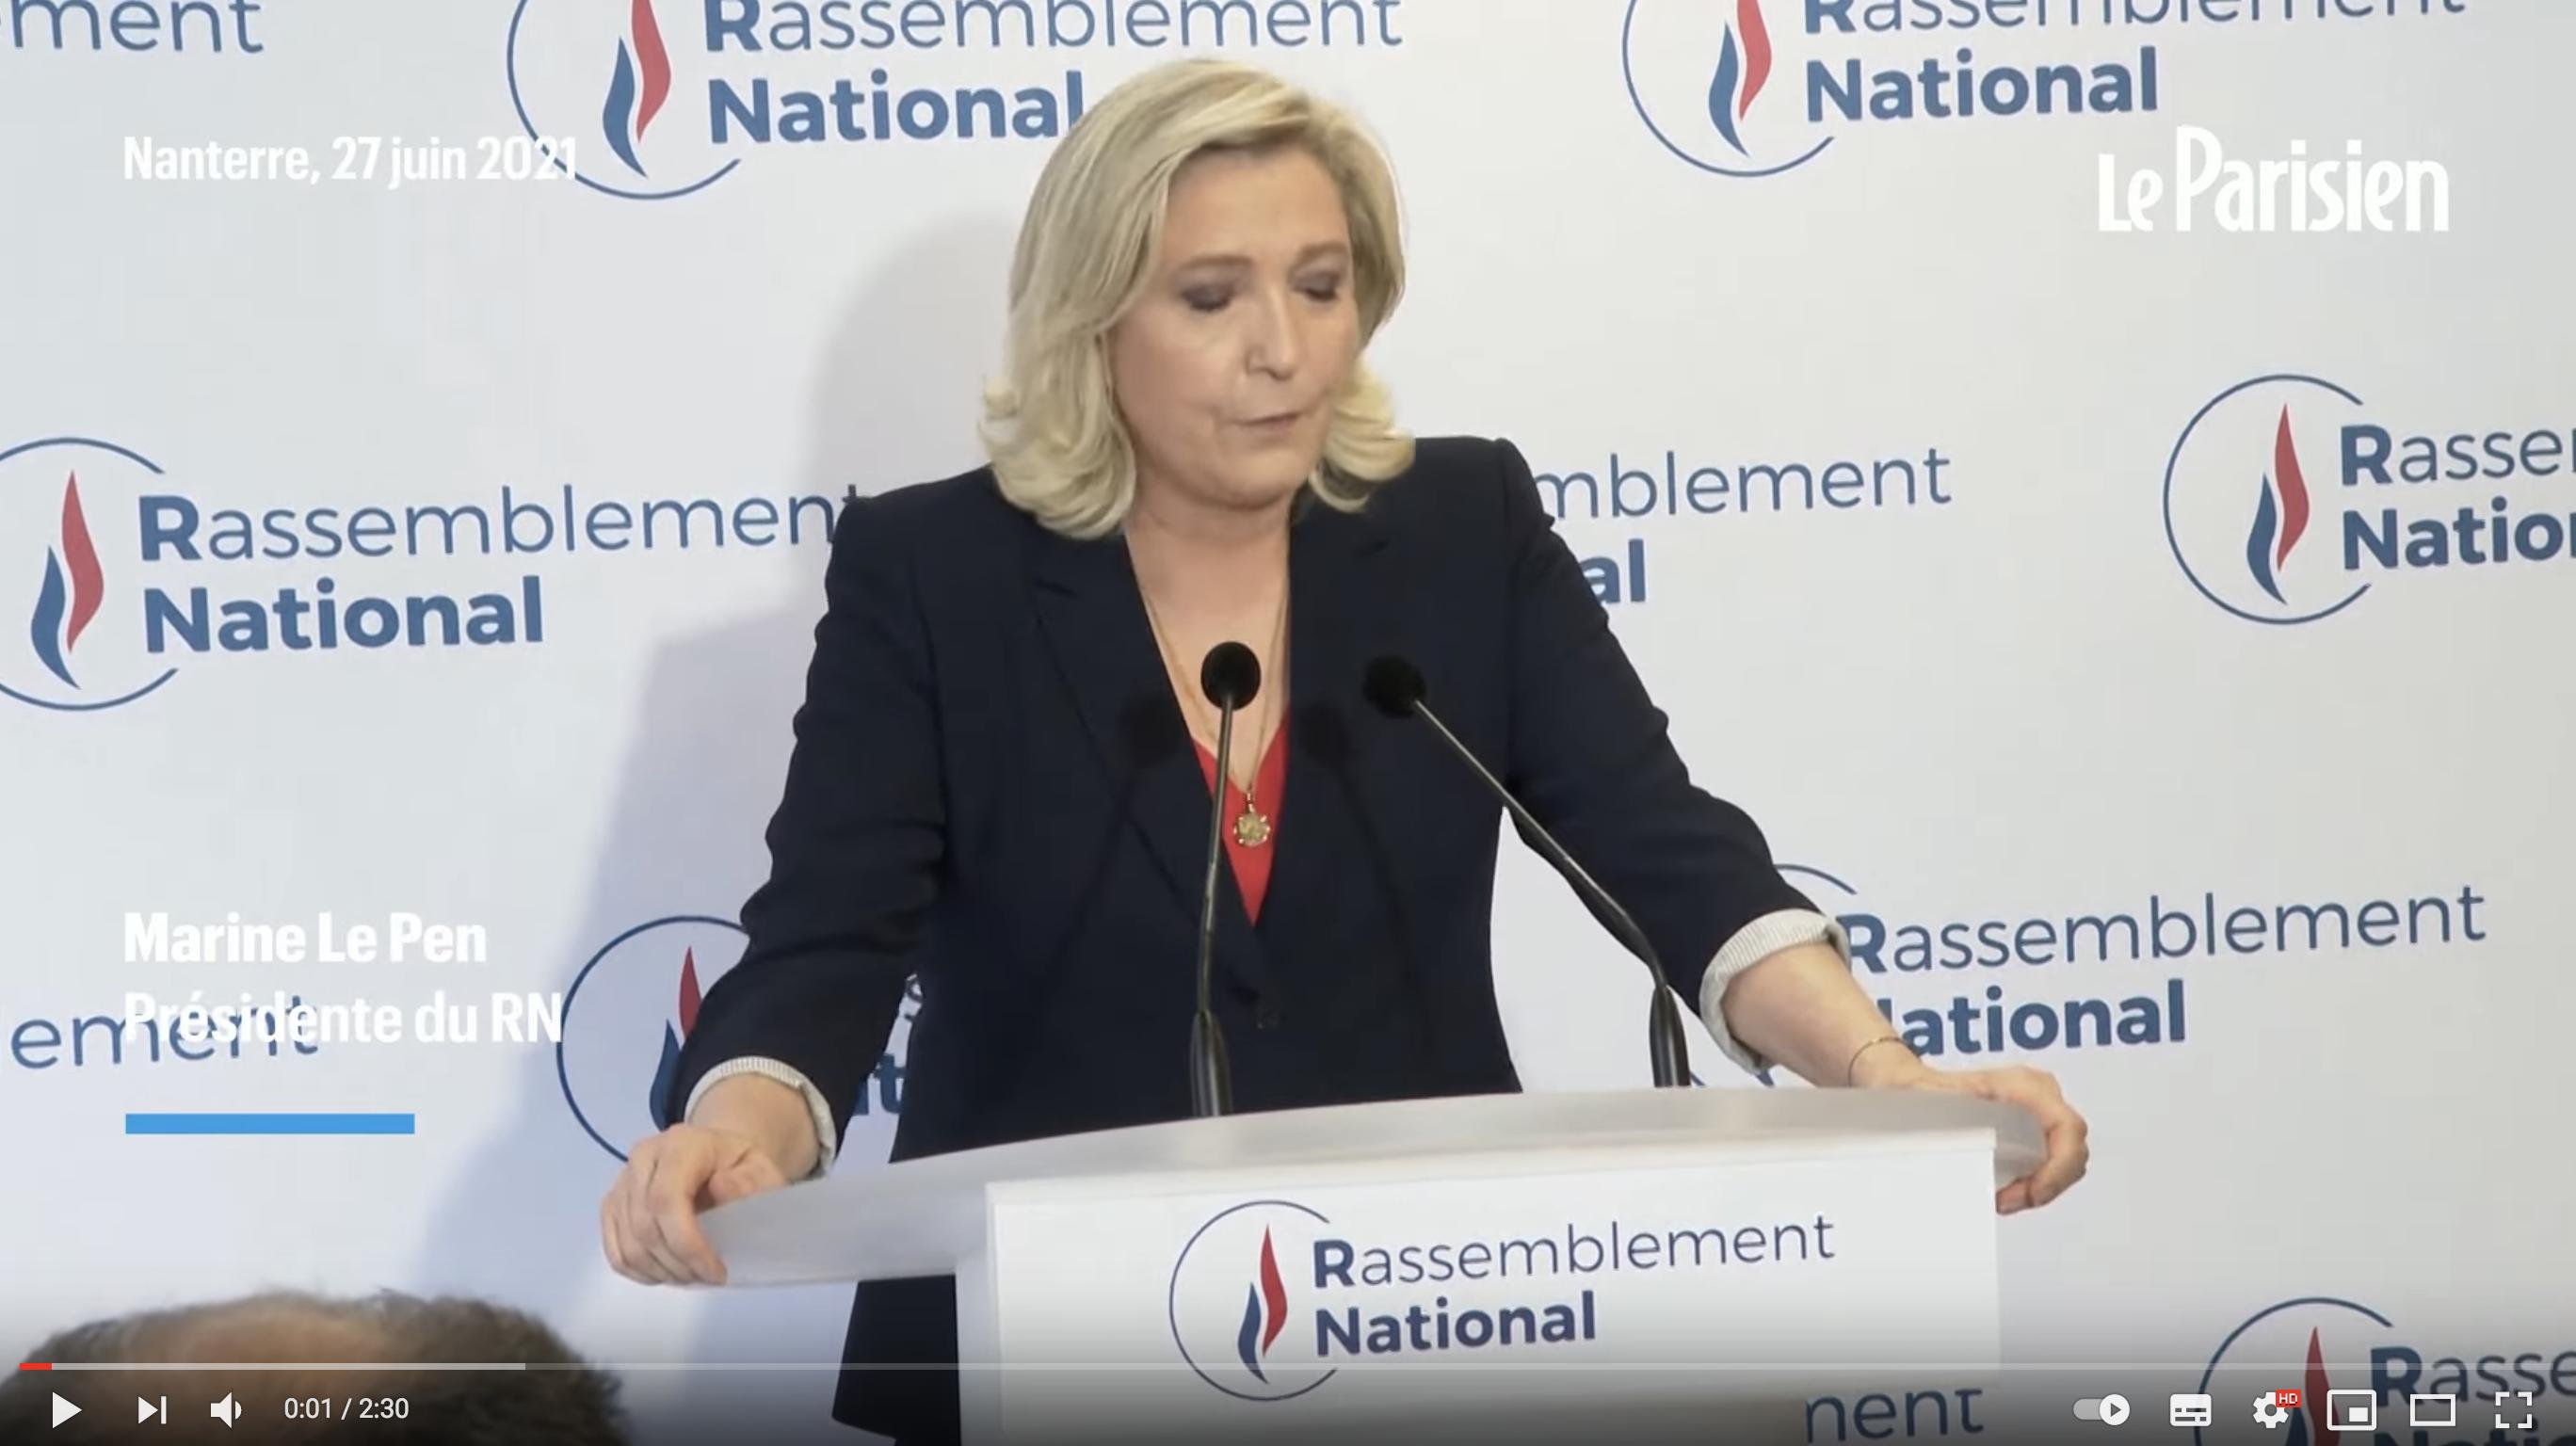 Marine Le Pen donne déjà « rendez-vous aux Français » pour « construire l'alternance » (VIDÉO)